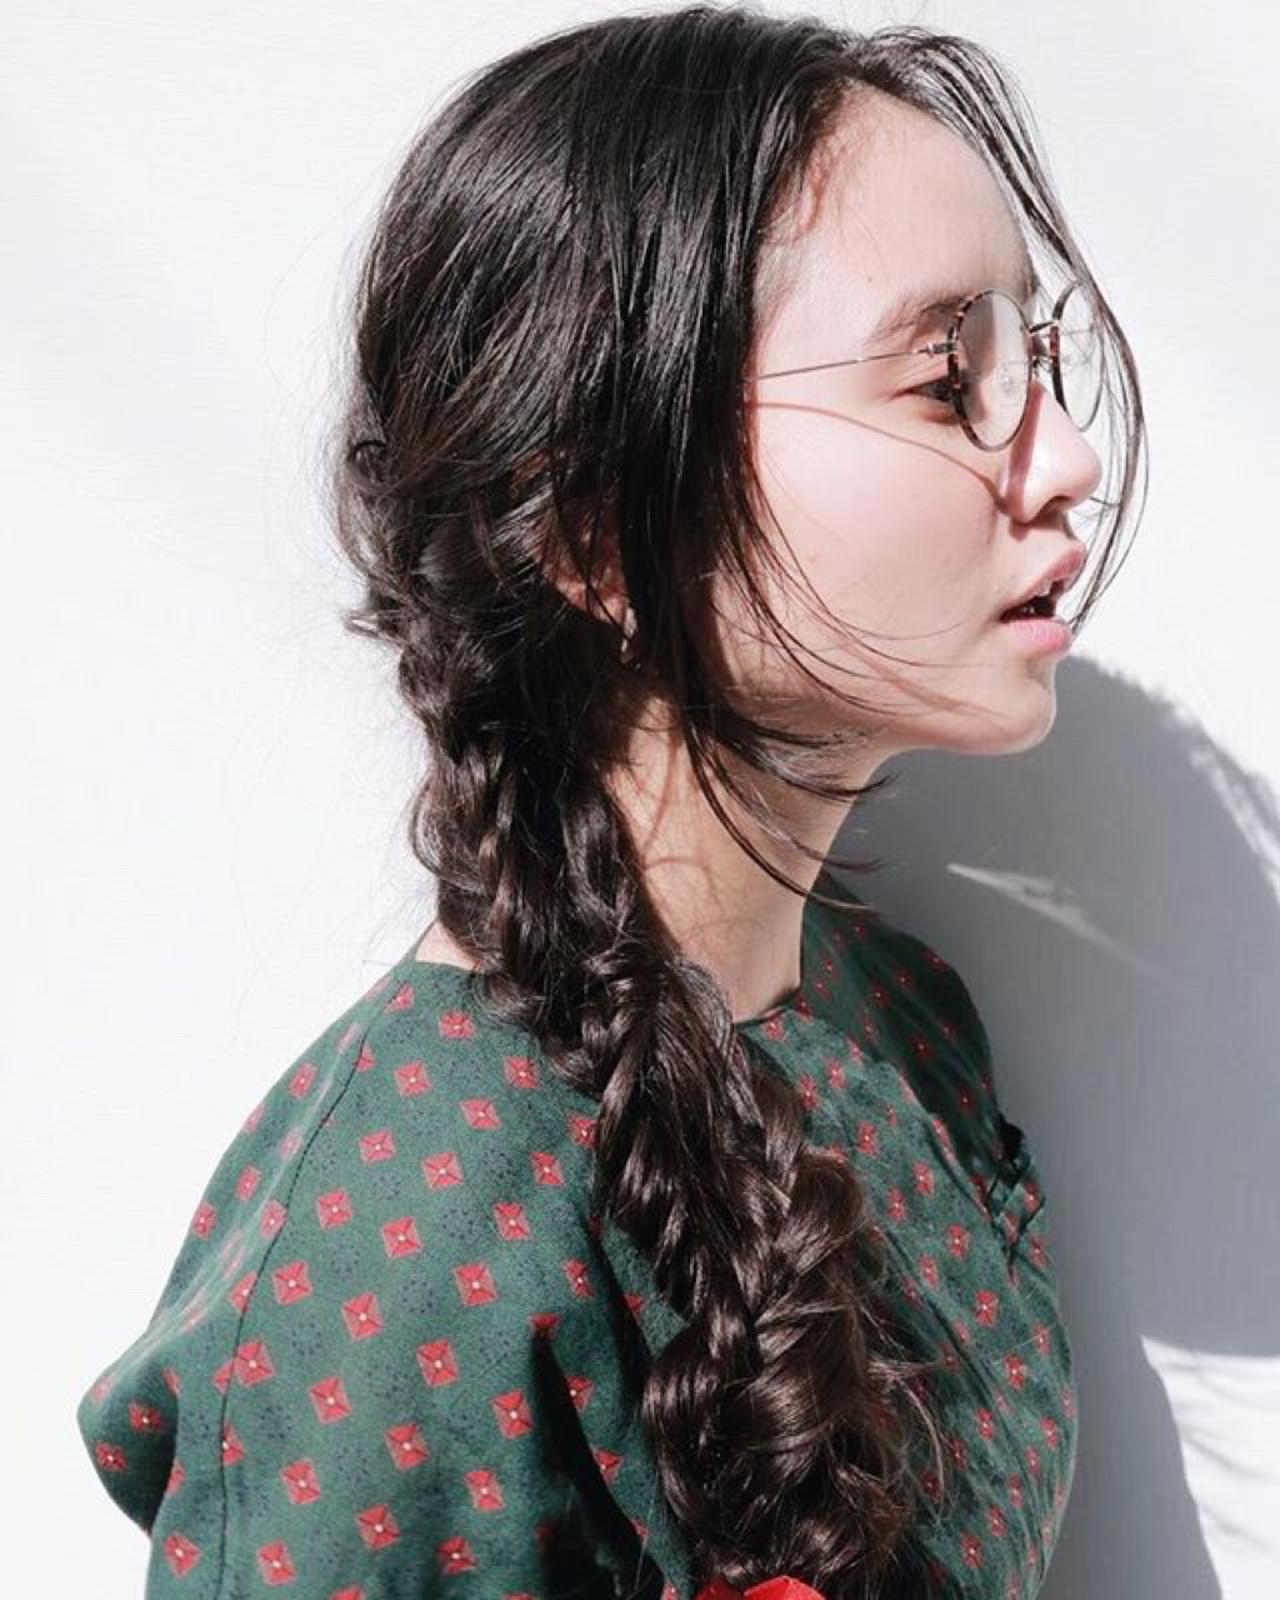 パーティ 大人女子 ヘアアレンジ ロング ヘアスタイルや髪型の写真・画像